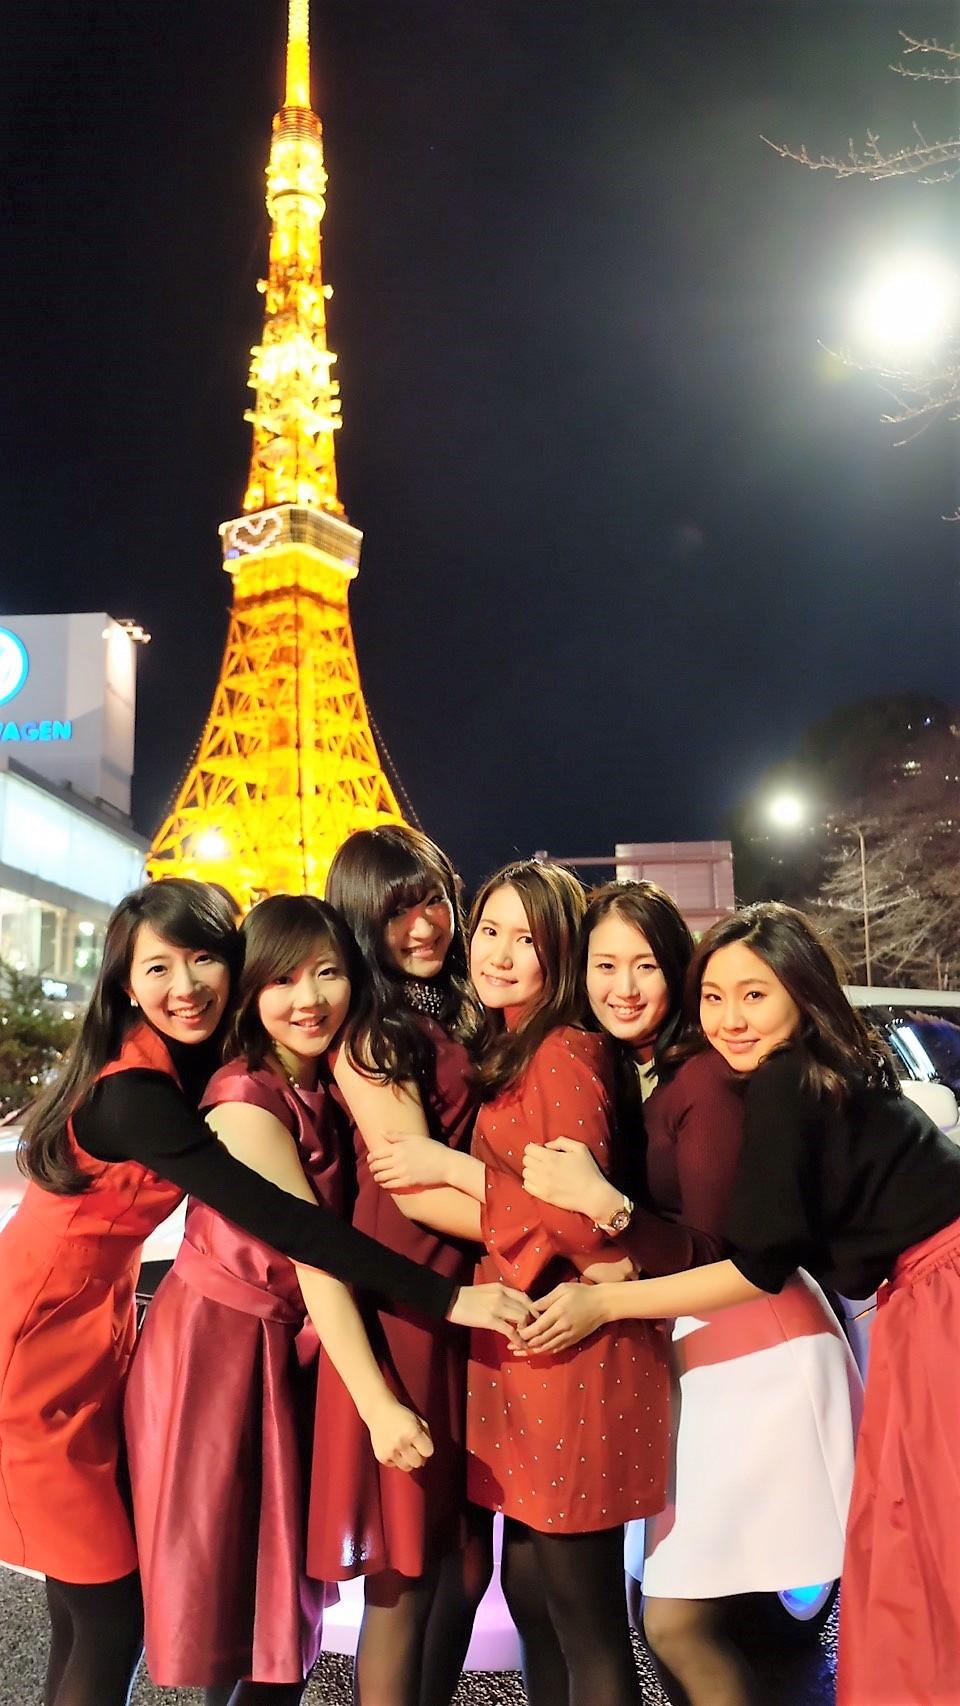 ラストの東京タワーはハートイルミネーションでプレミアムフライデー